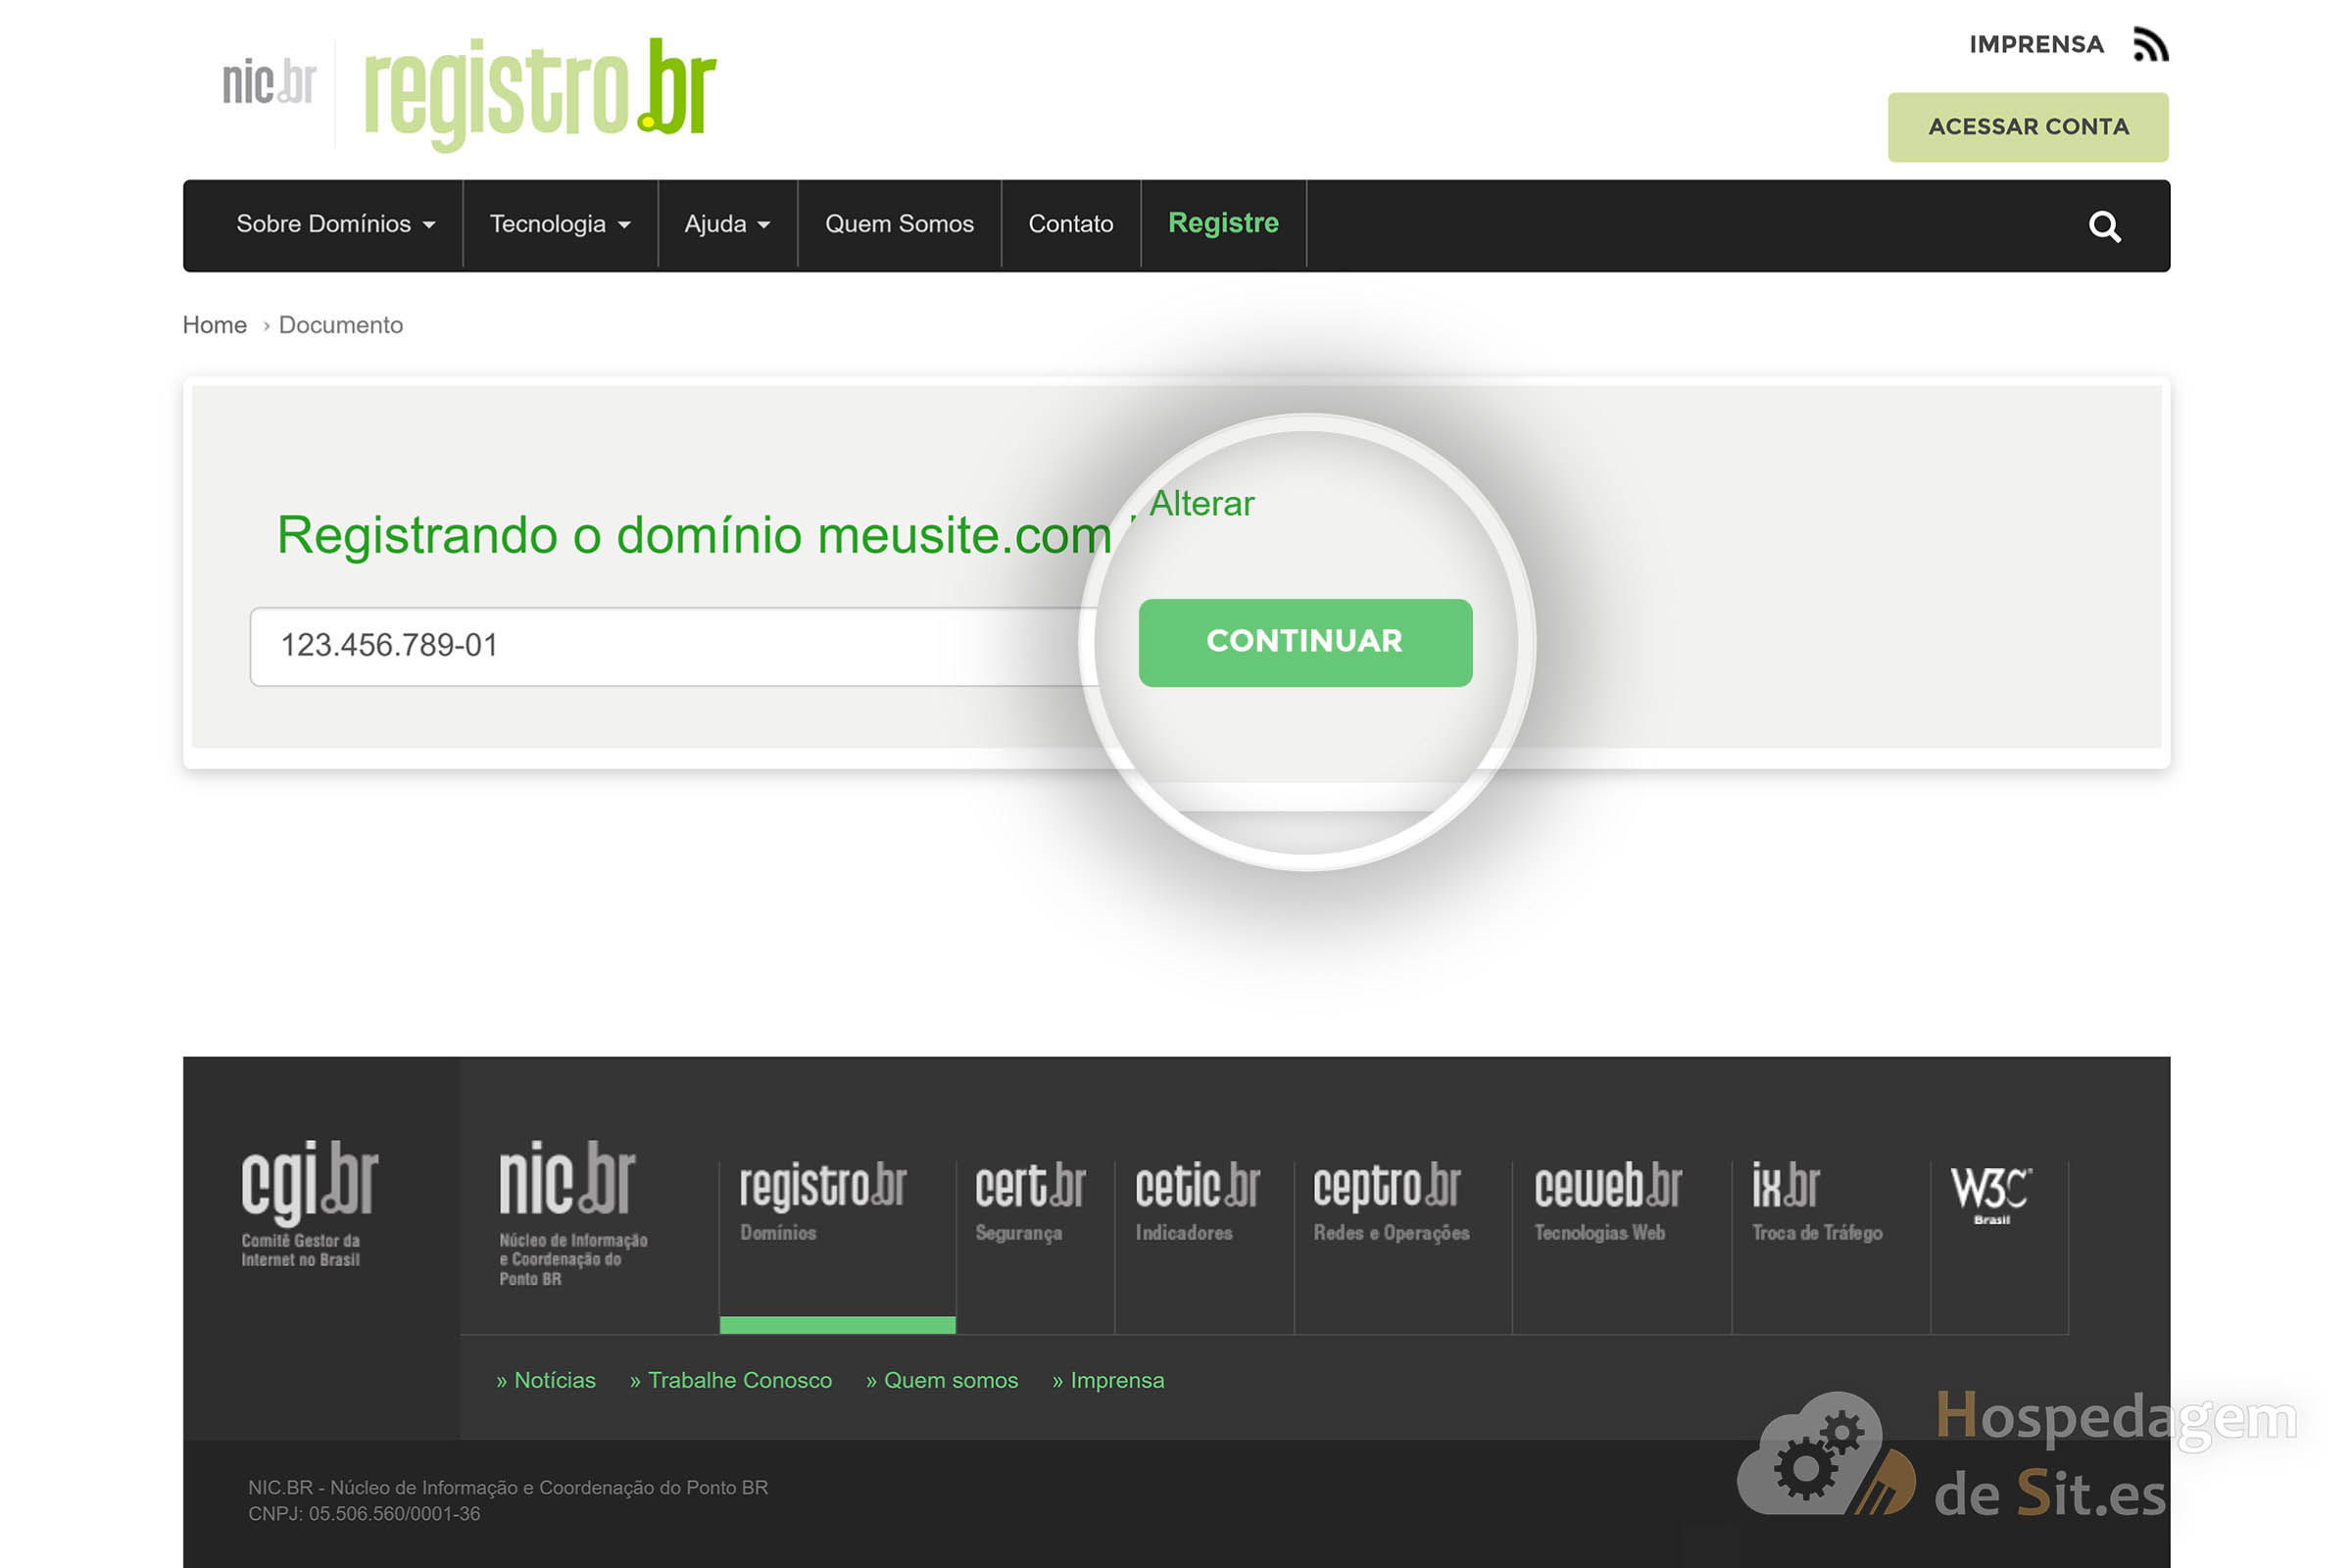 registro br informar cpf cnpj registro de dominio